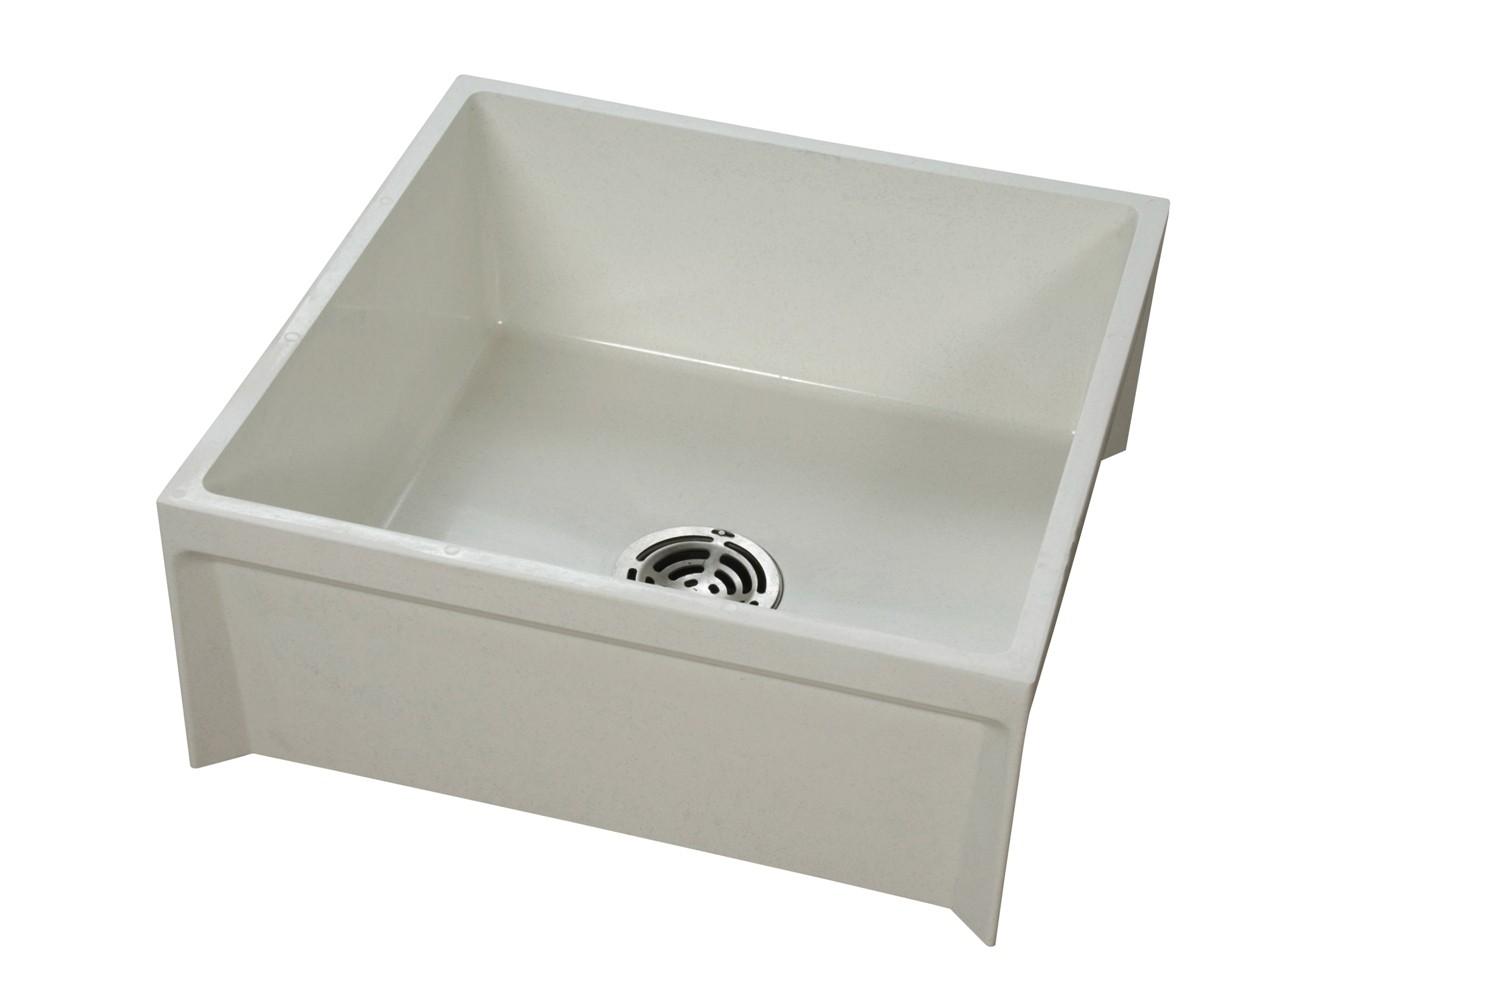 Mop Basins : Fiat MSB2424100 Mop Service Basin 24X24X10 White TheBuildersSupply ...